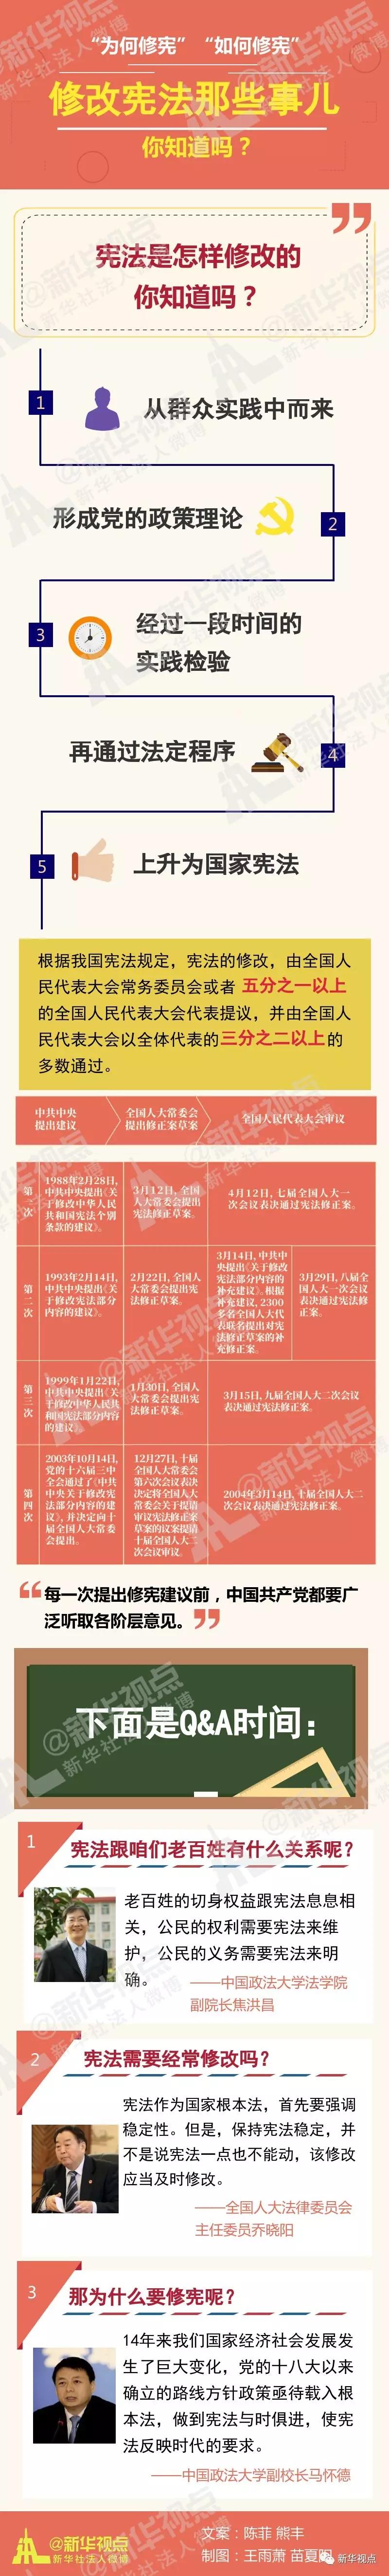 中共中央關於修改憲法部分內容的建議